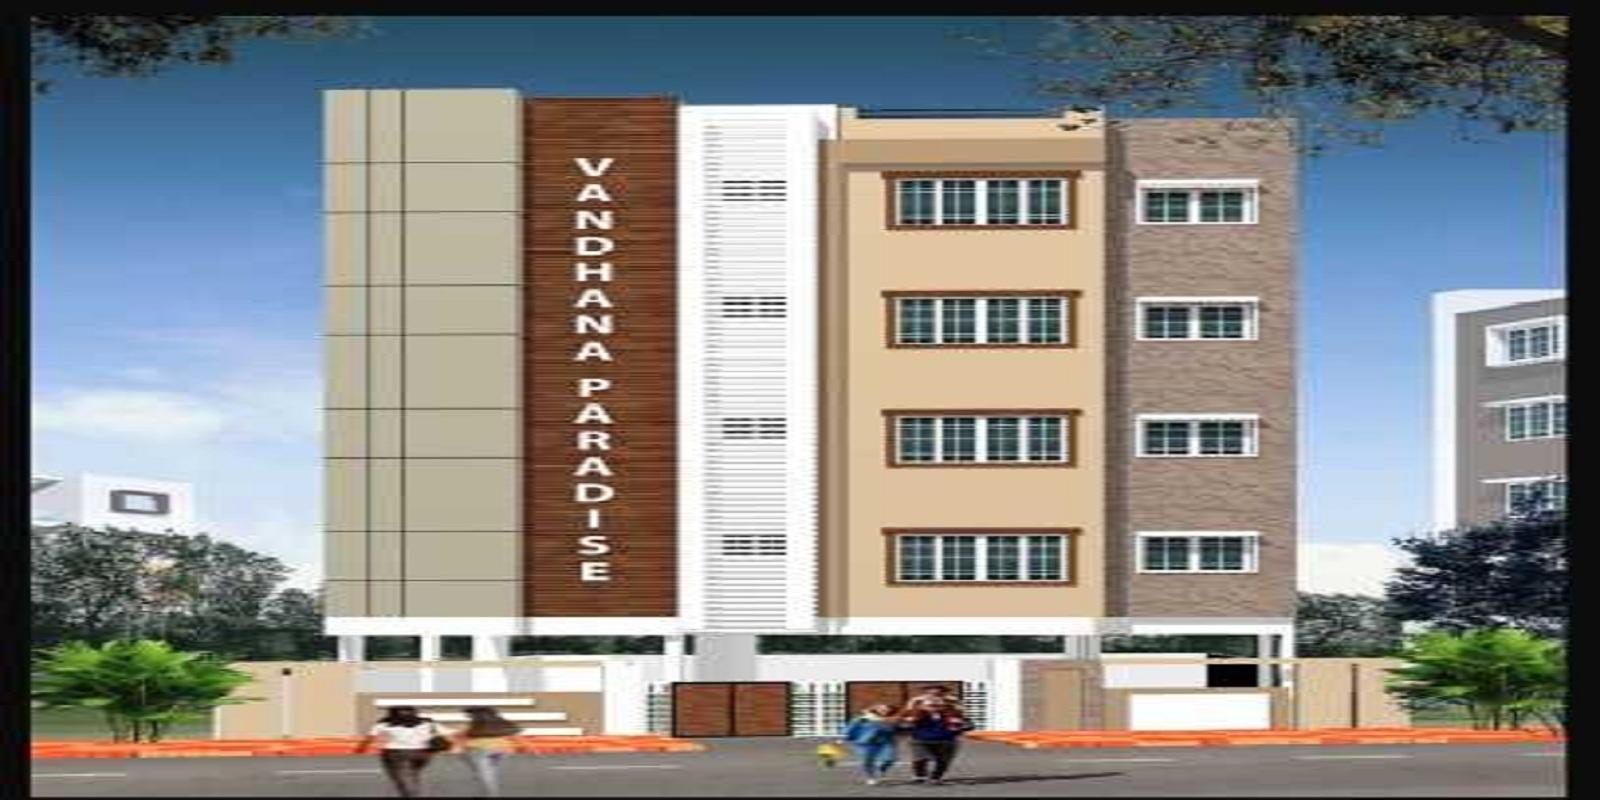 vandhana paradise project large image2